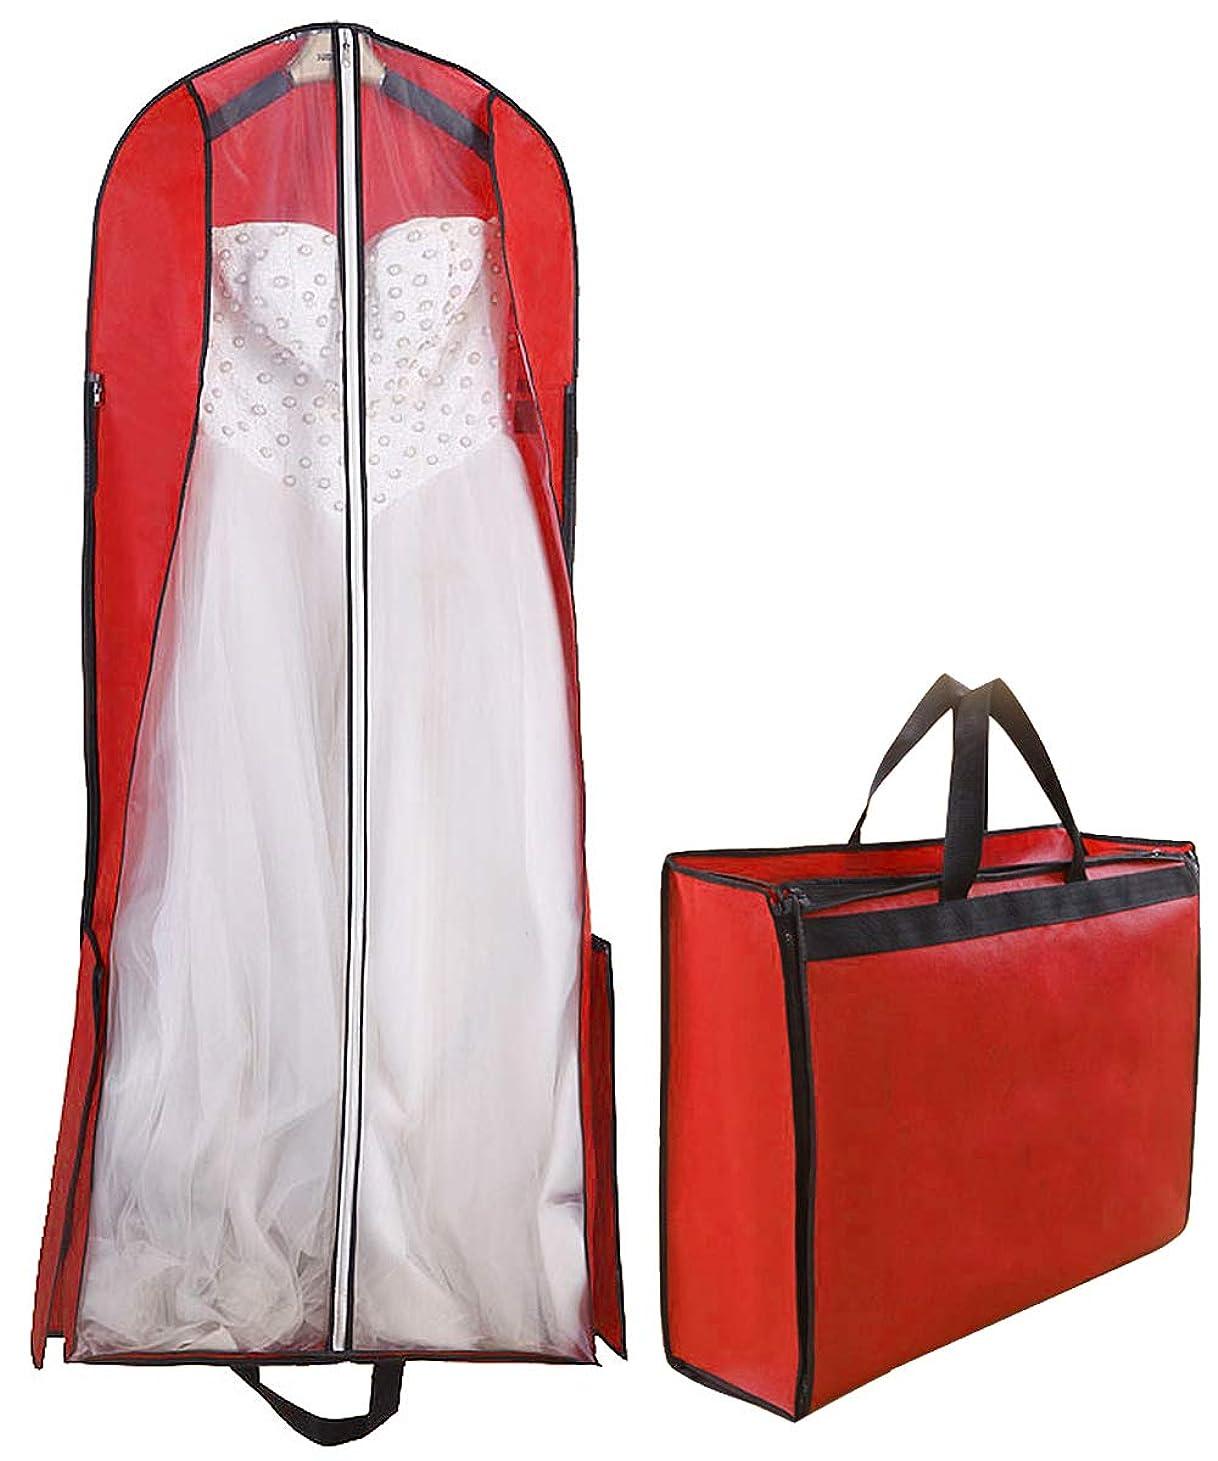 入札慈悲深いキュービック[ナッシュ] ドレスバッグ ガーメントバッグ ウェディングドレス スーツ 収納 カバー 機内持ち込み 軽量 大容量 160?180サイズ